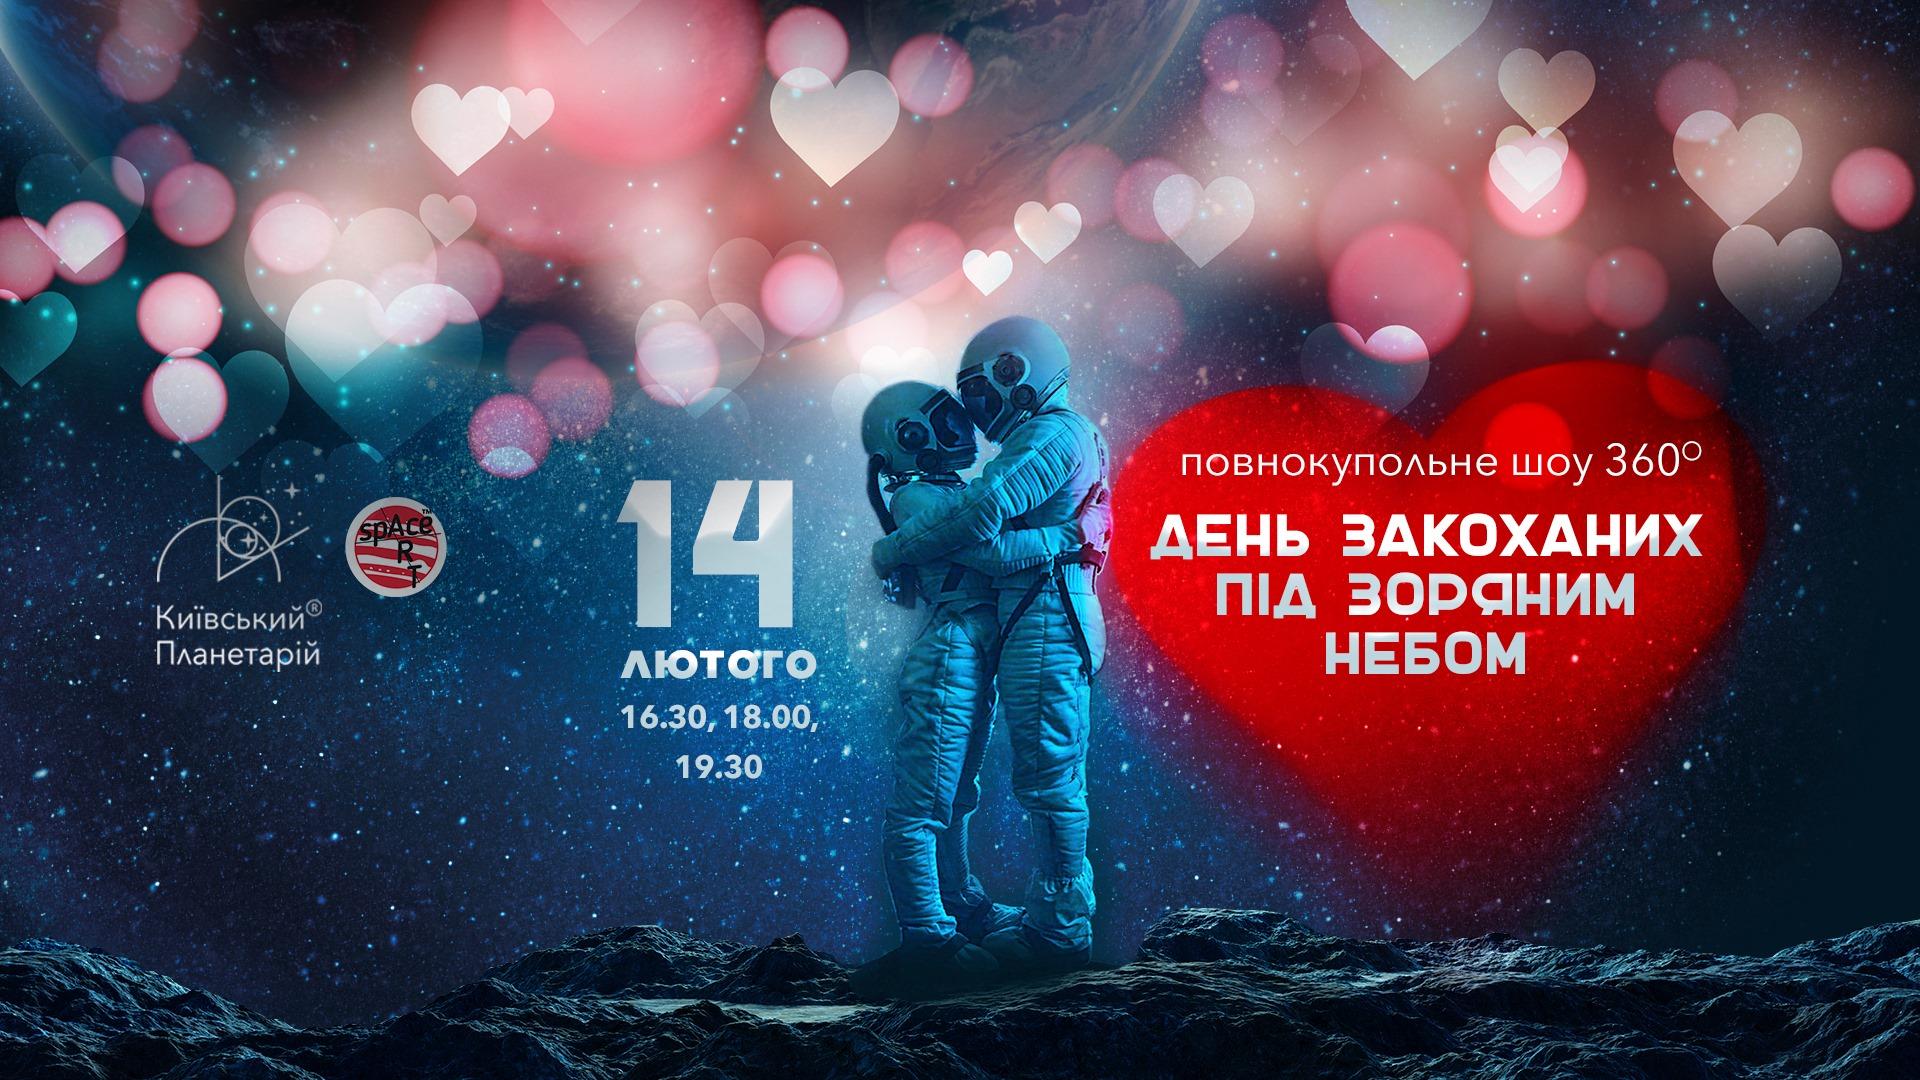 Київського Планетарію